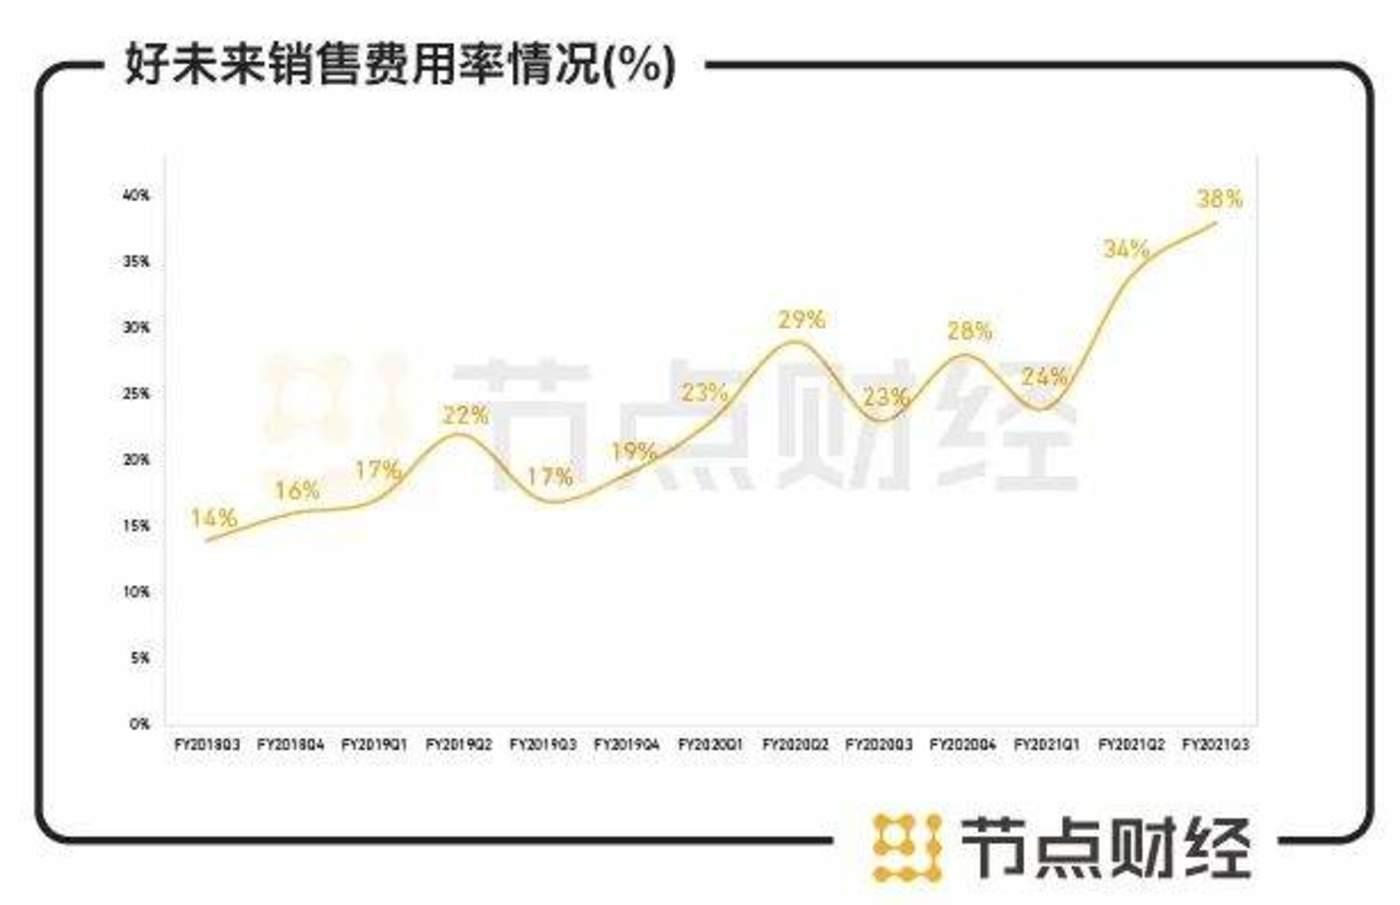 数据来源:东方财富choice、好未来财报